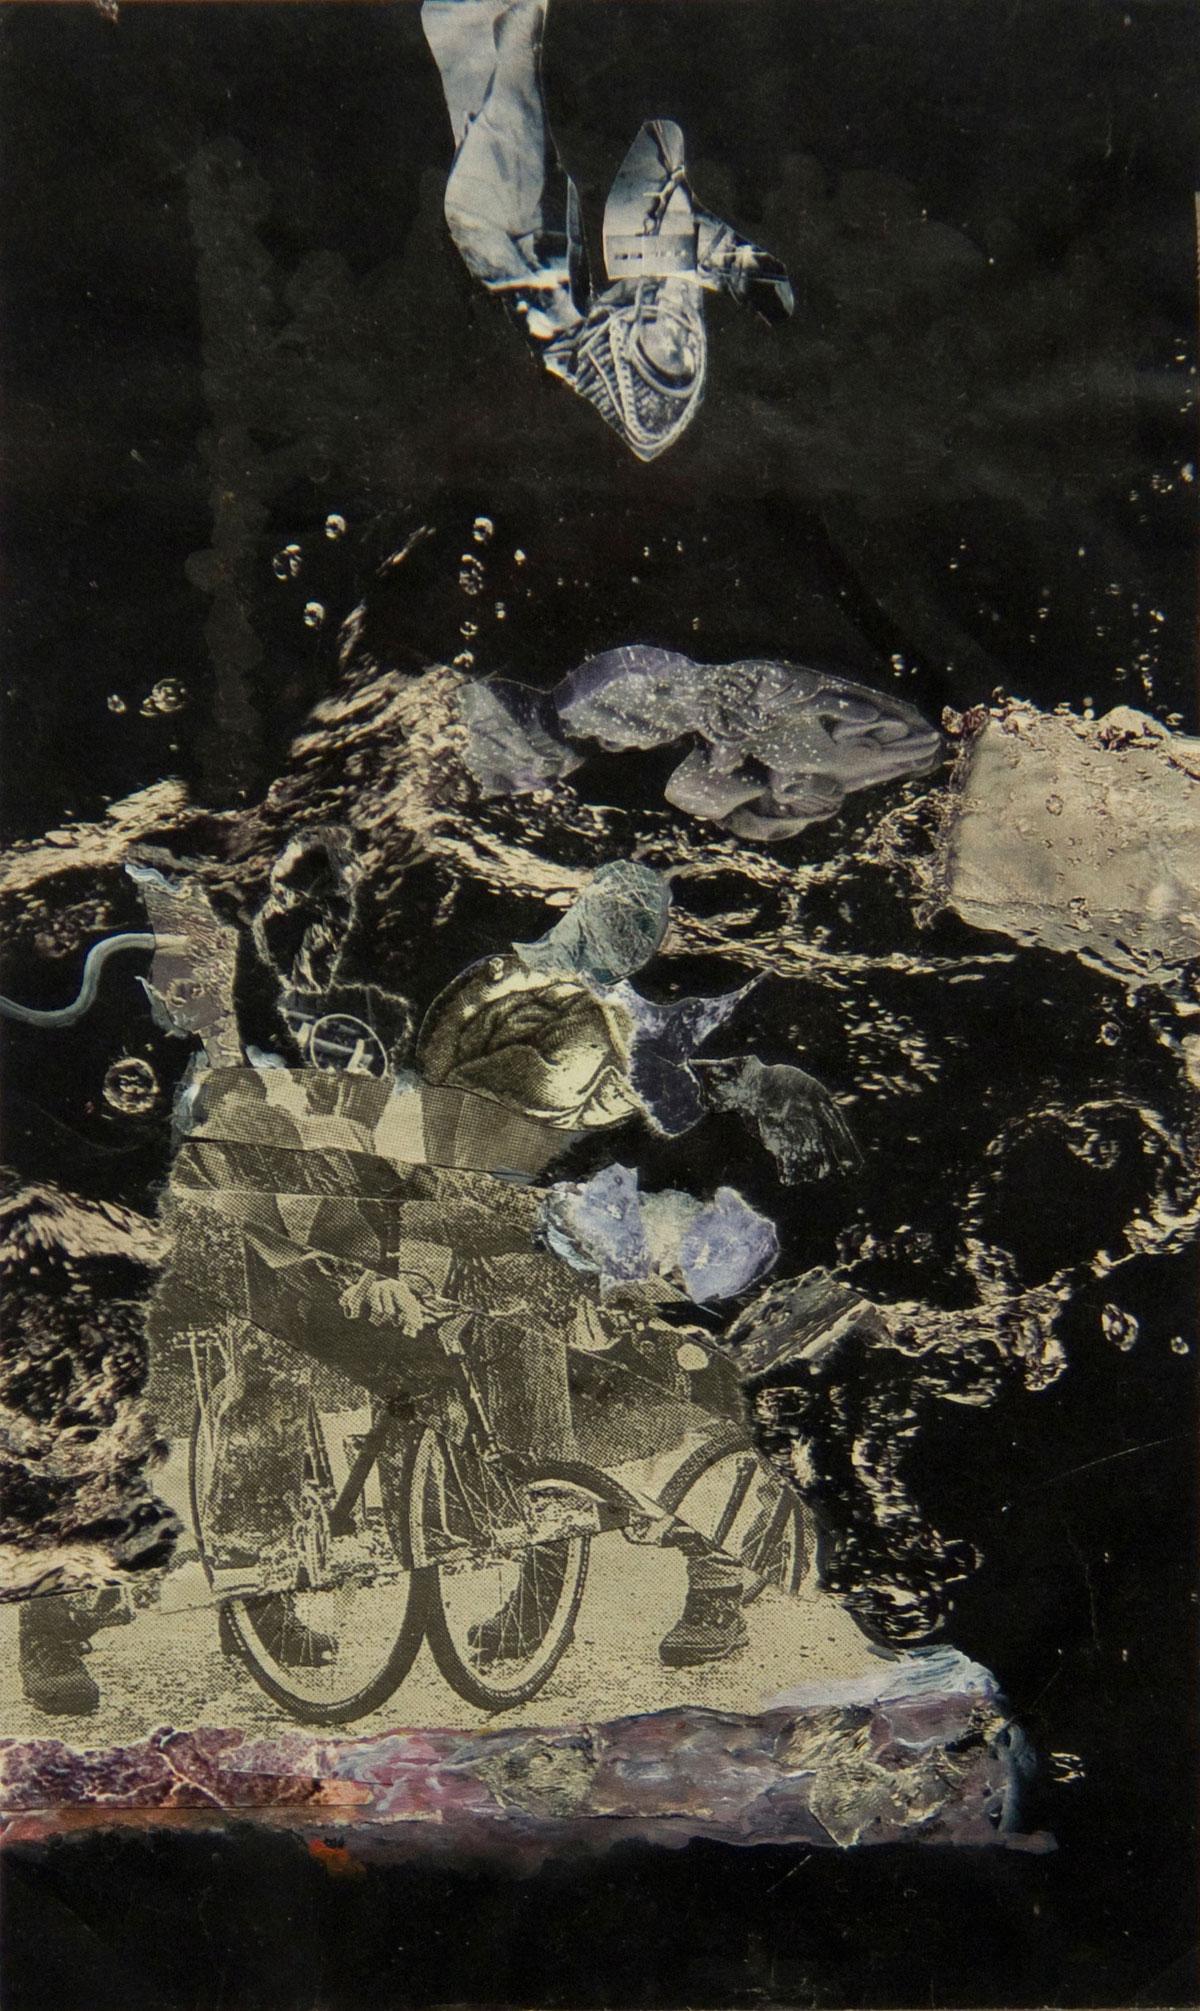 Philippe Briard - Le Cycliste d'Azur, 2008, collage acrylique, 21,5 x 12,5 cm